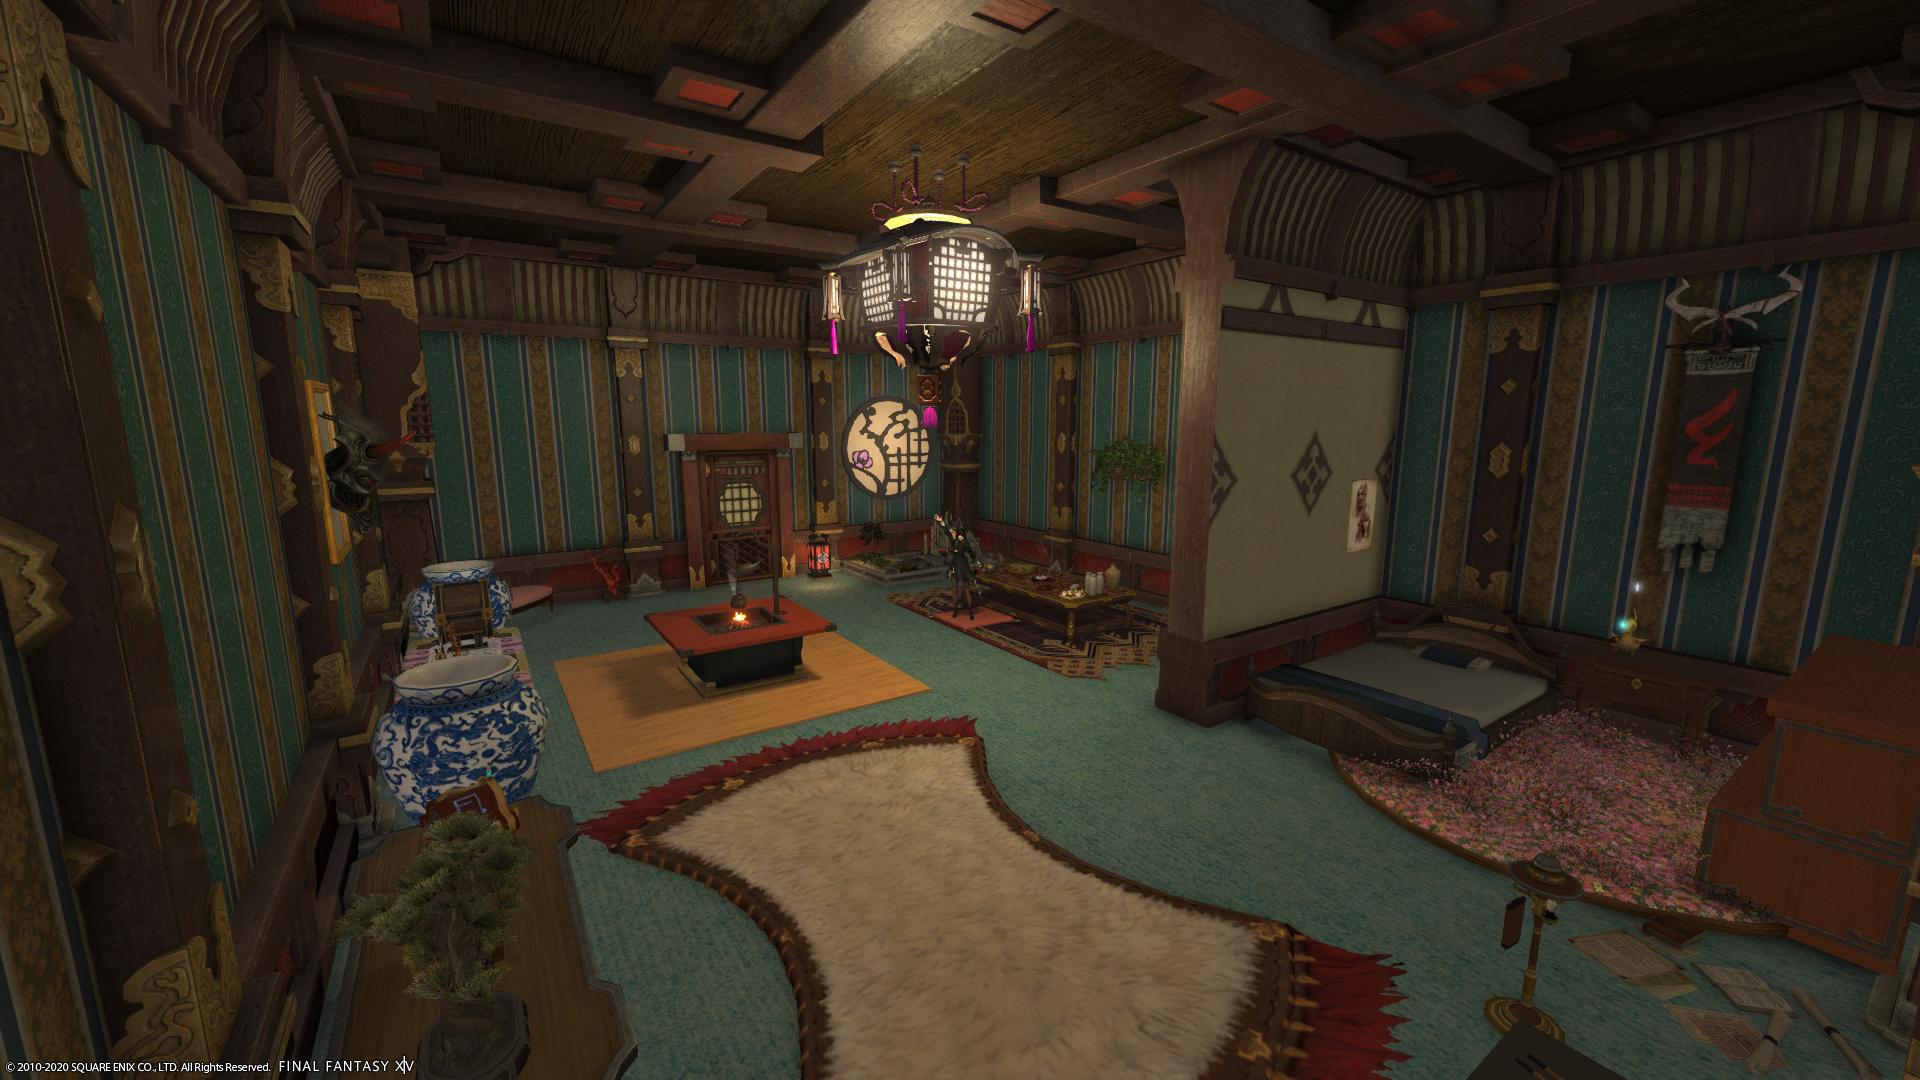 FFXIV Apartment Interior